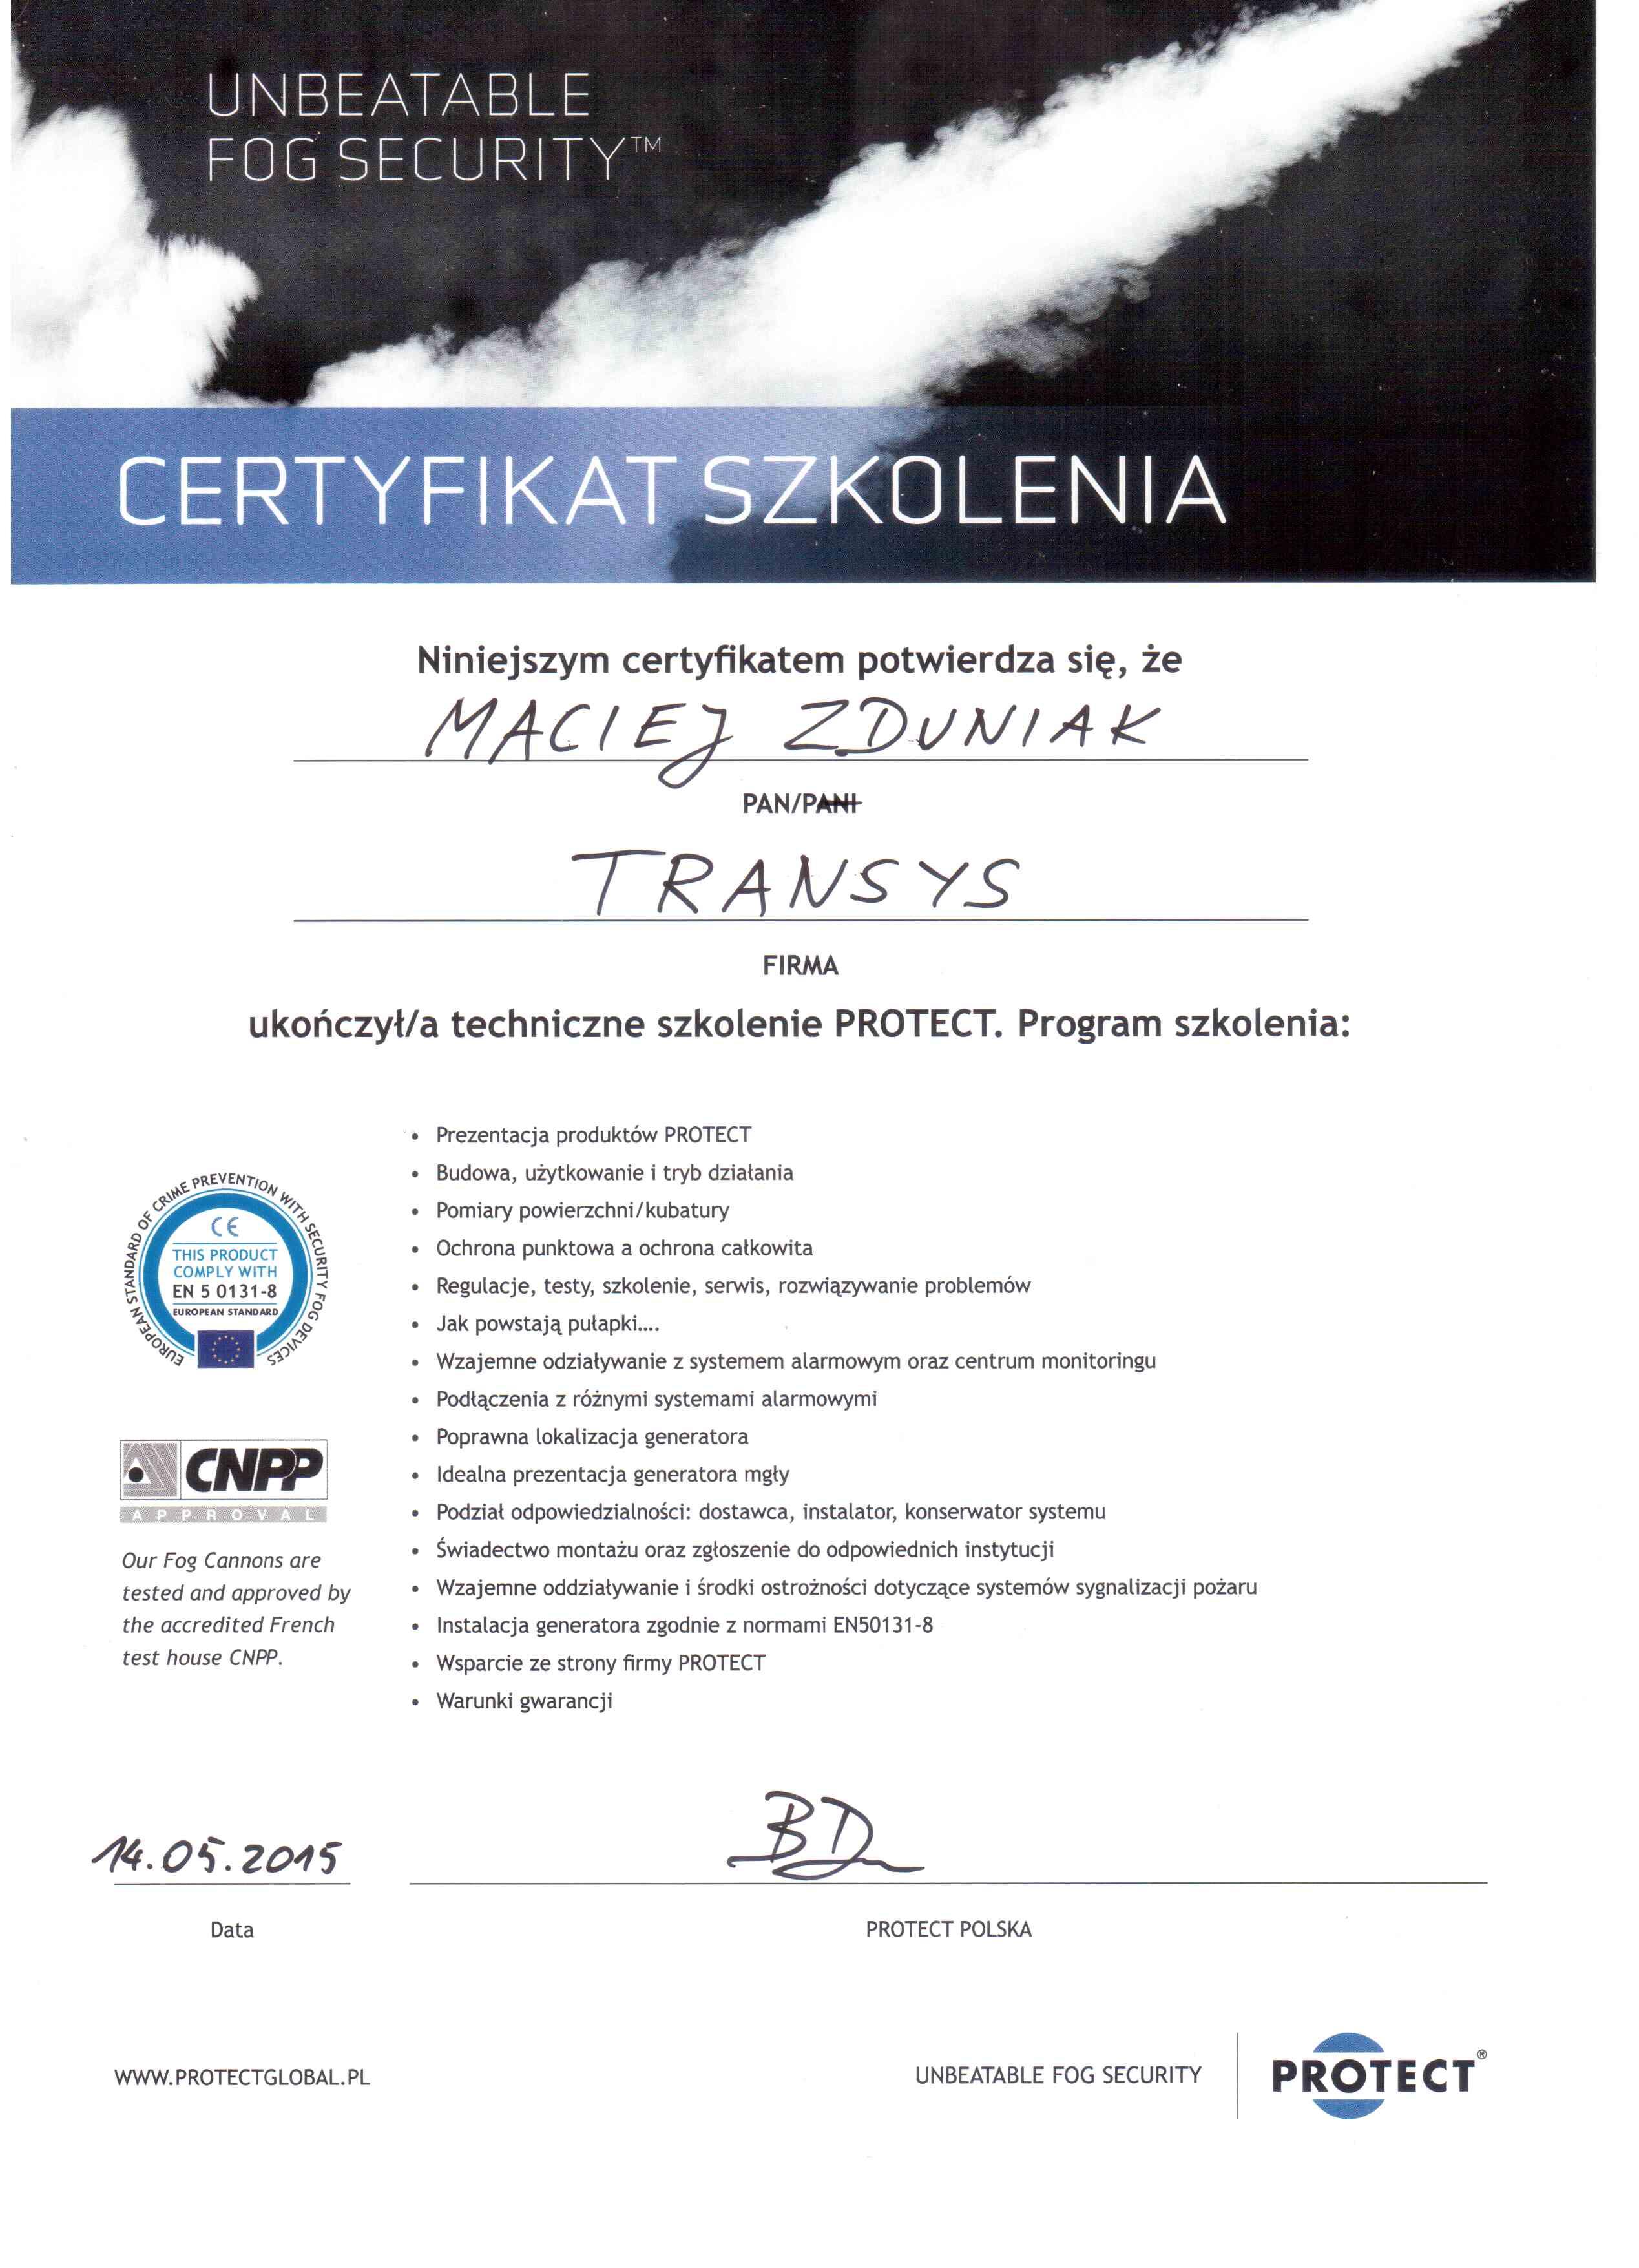 certyfikowany instalator protect generatorów mgły ochronnej